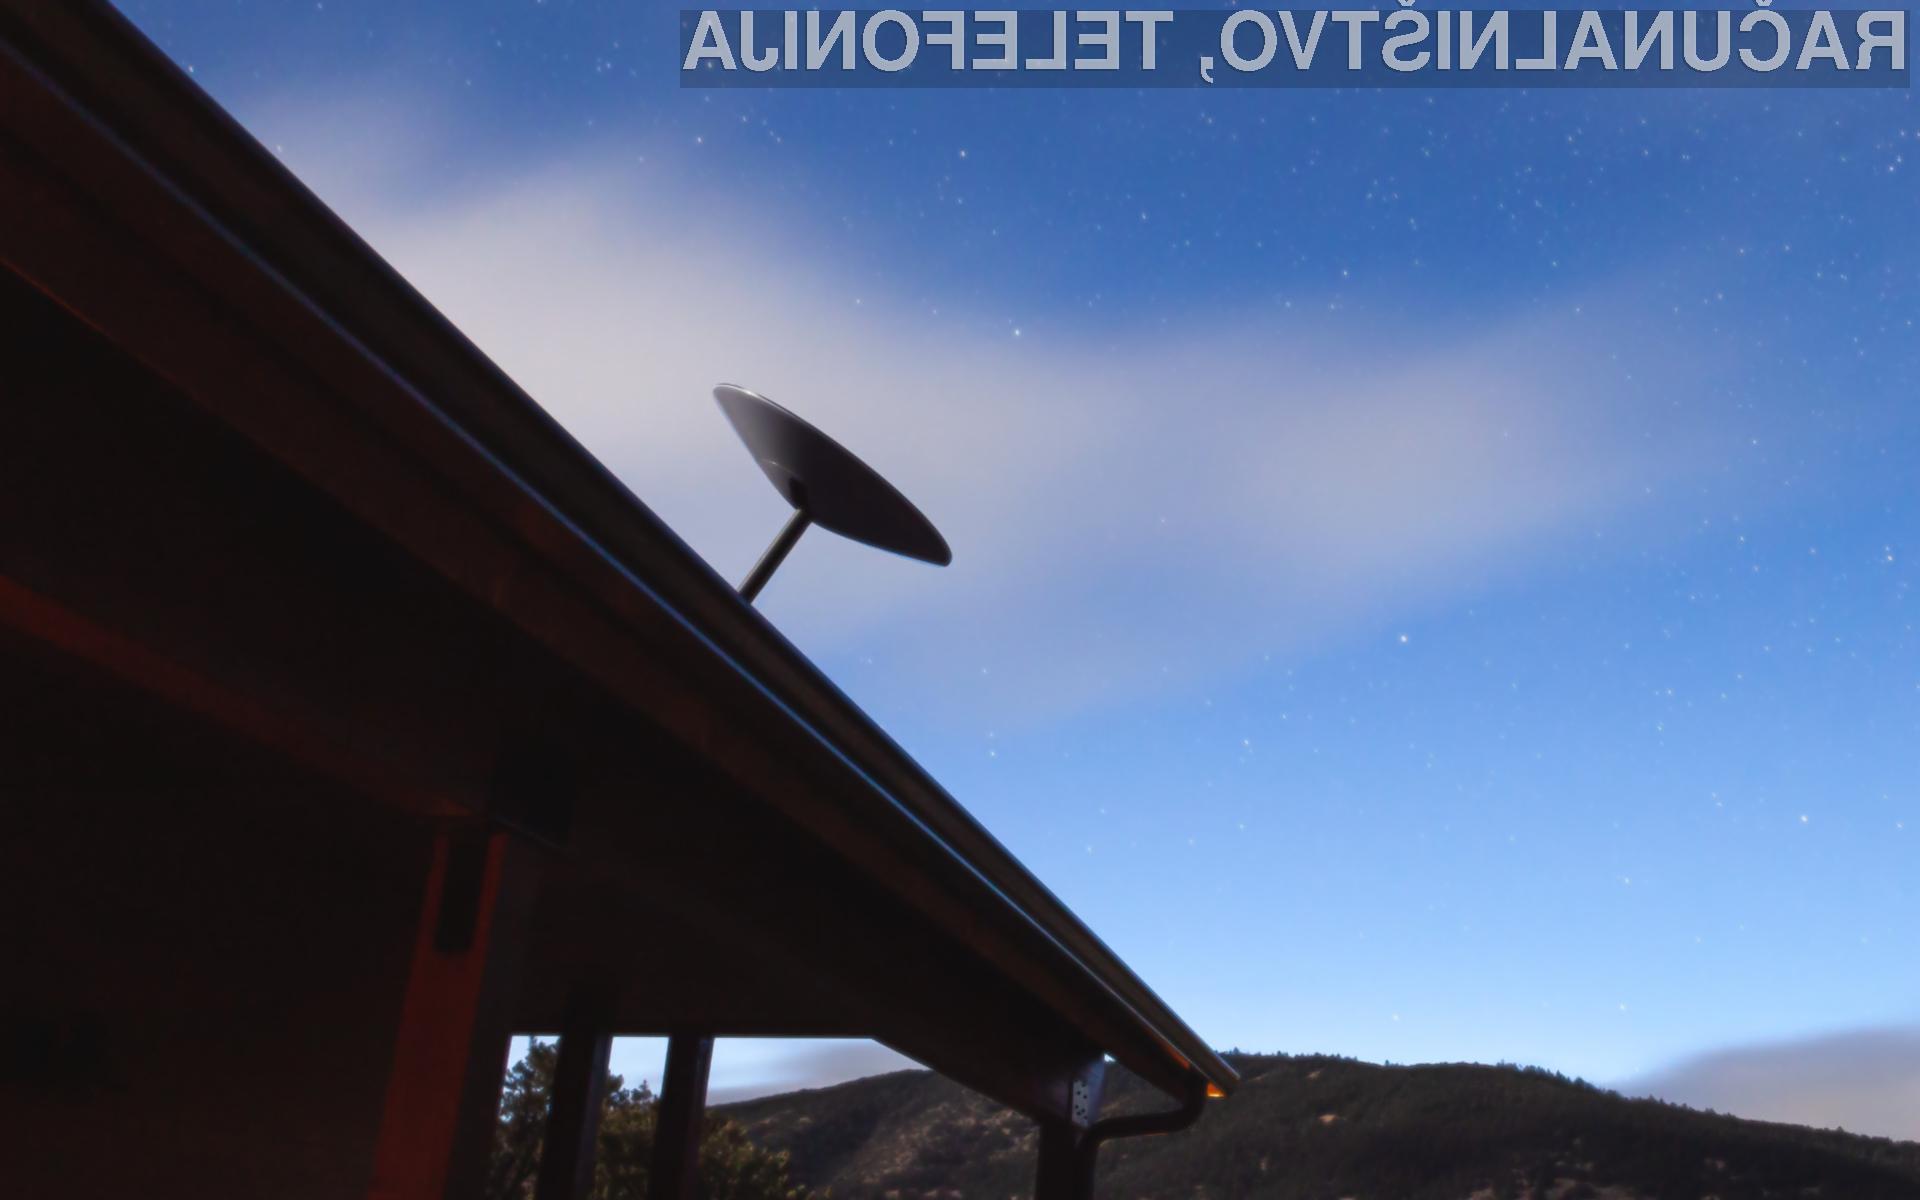 Satelitski internet SpaceX Starlink bo kmalu zagotavljal prenose podatkov s hitrostjo do 300 megabitov na sekundo.